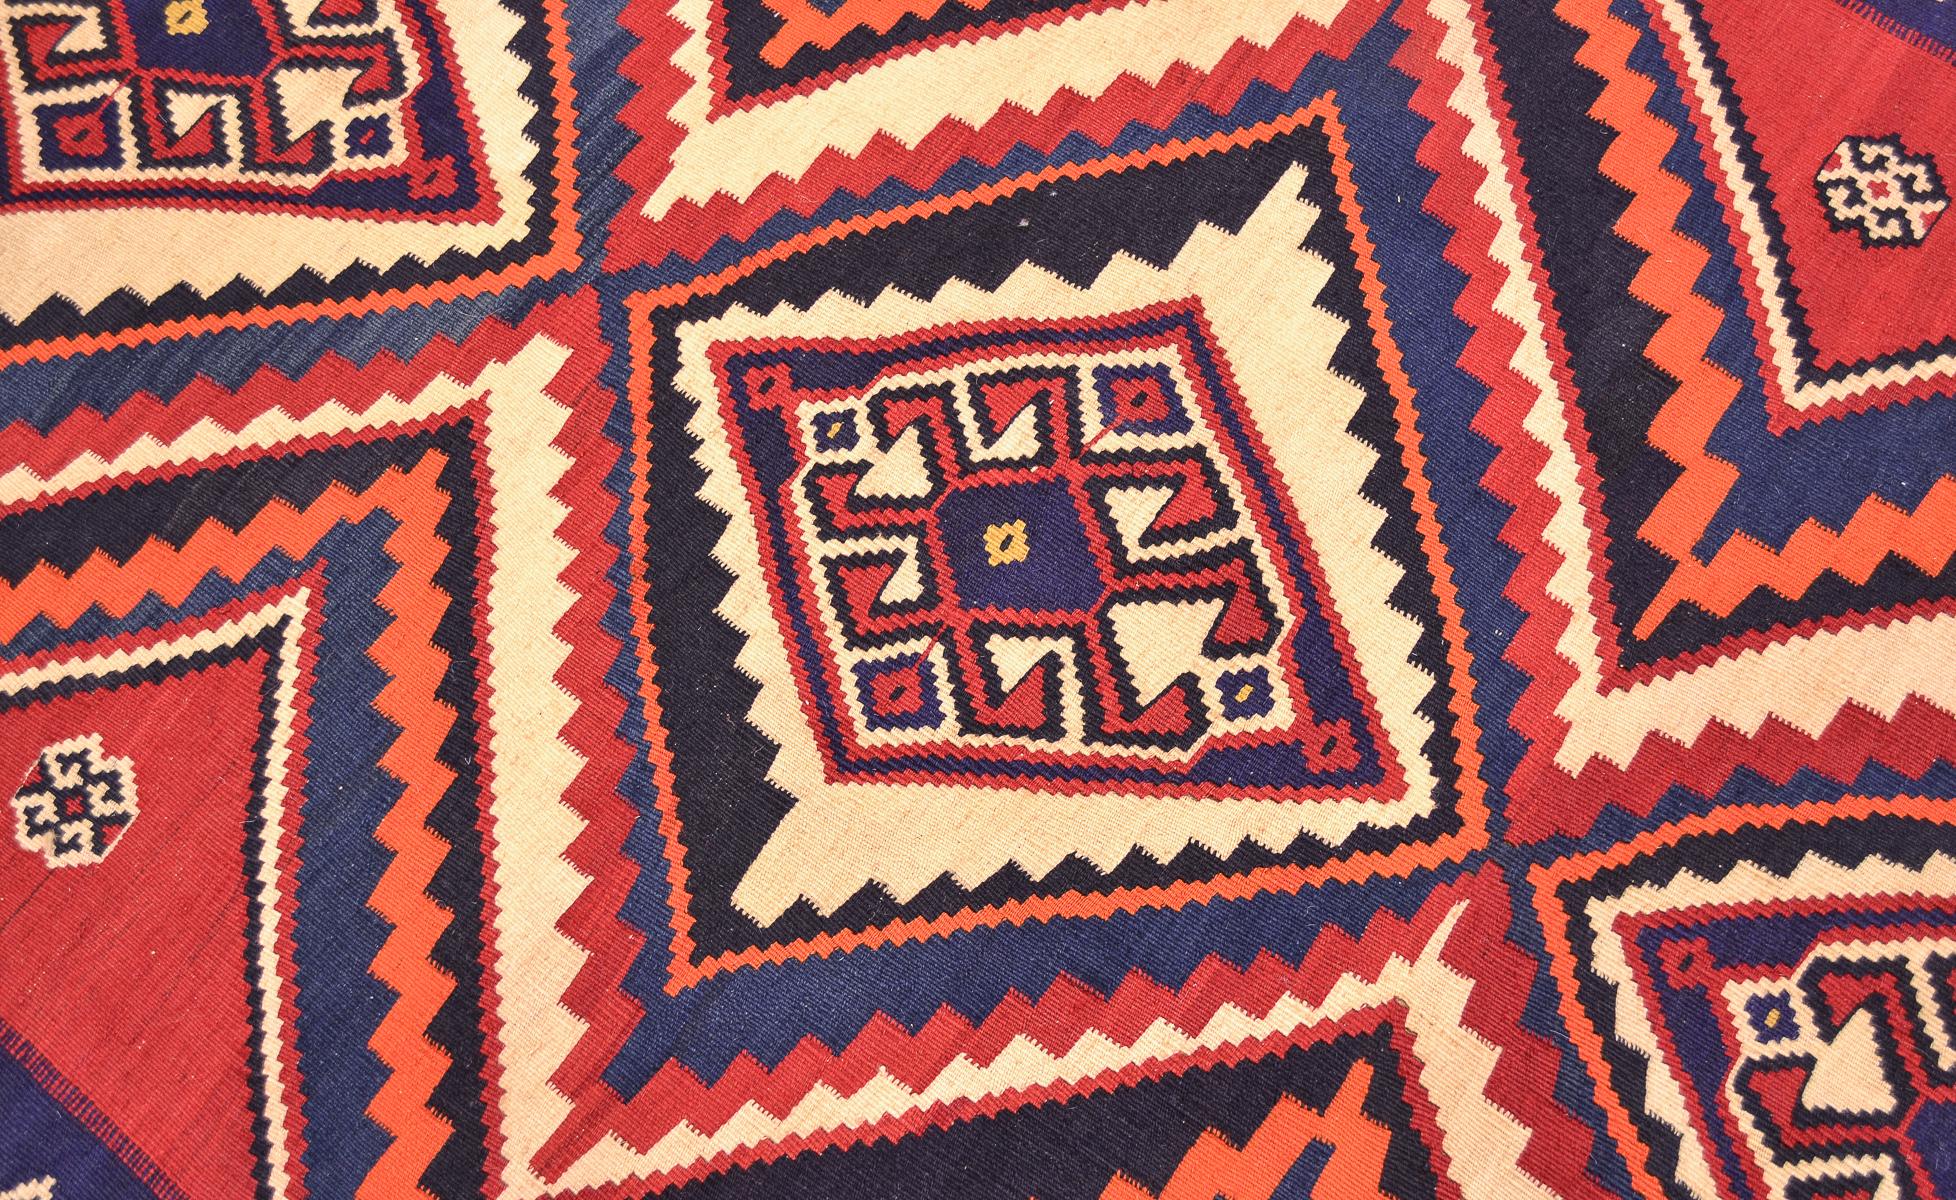 Persian Qashqai Kilim Rug 2 43x1 64m The Oriental Rug